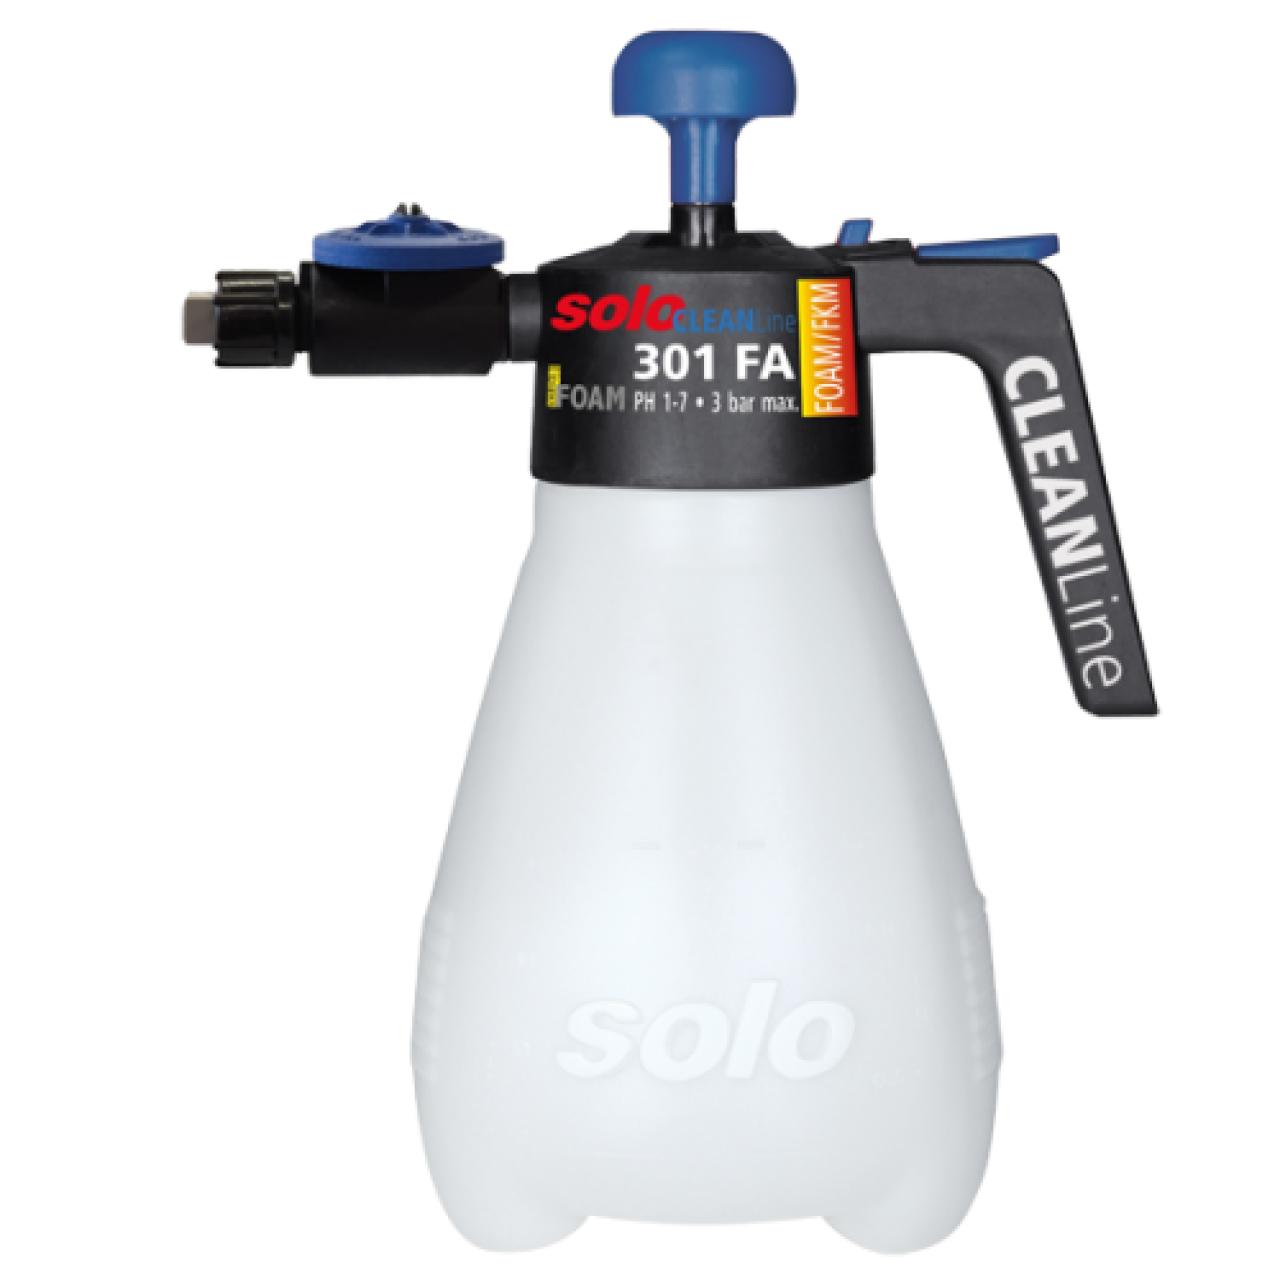 Hand-Druckspritze 301 FA Foamer mit Vario-Foam 1,25l Füllmenge